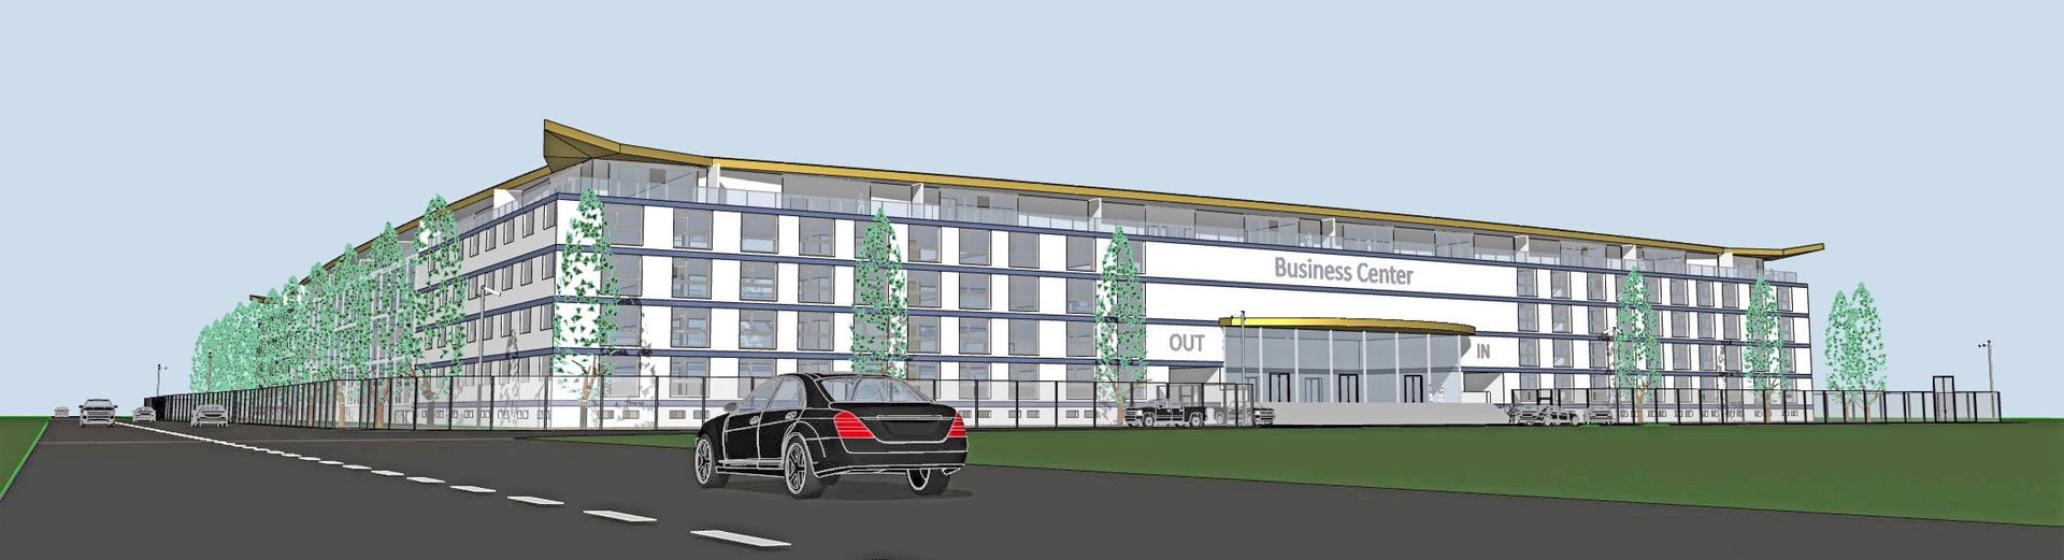 For SALE - 50 % of Pharma Business Center Switzerland - Architekt Volker Goebel Dipl.-Ing.